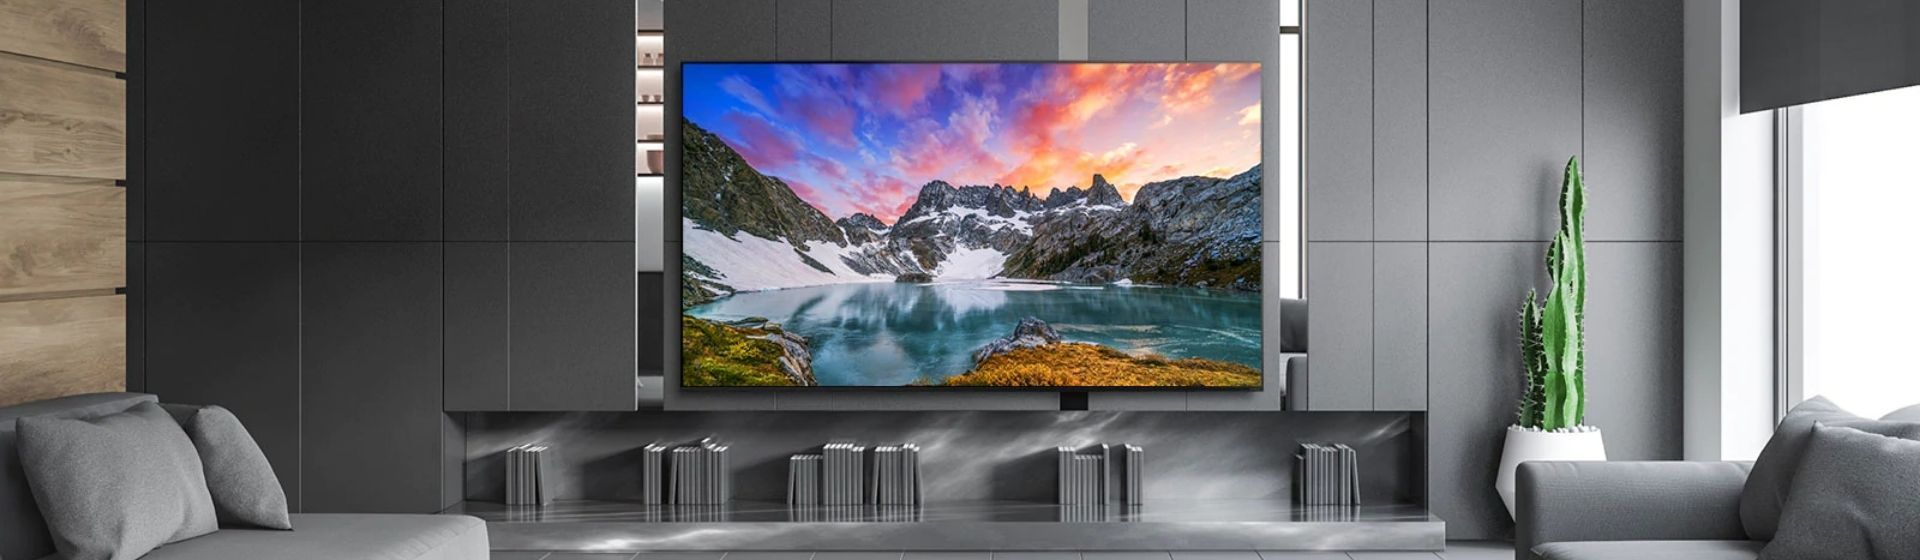 TV LG 65 polegadas: confira uma lista com 5 das melhores